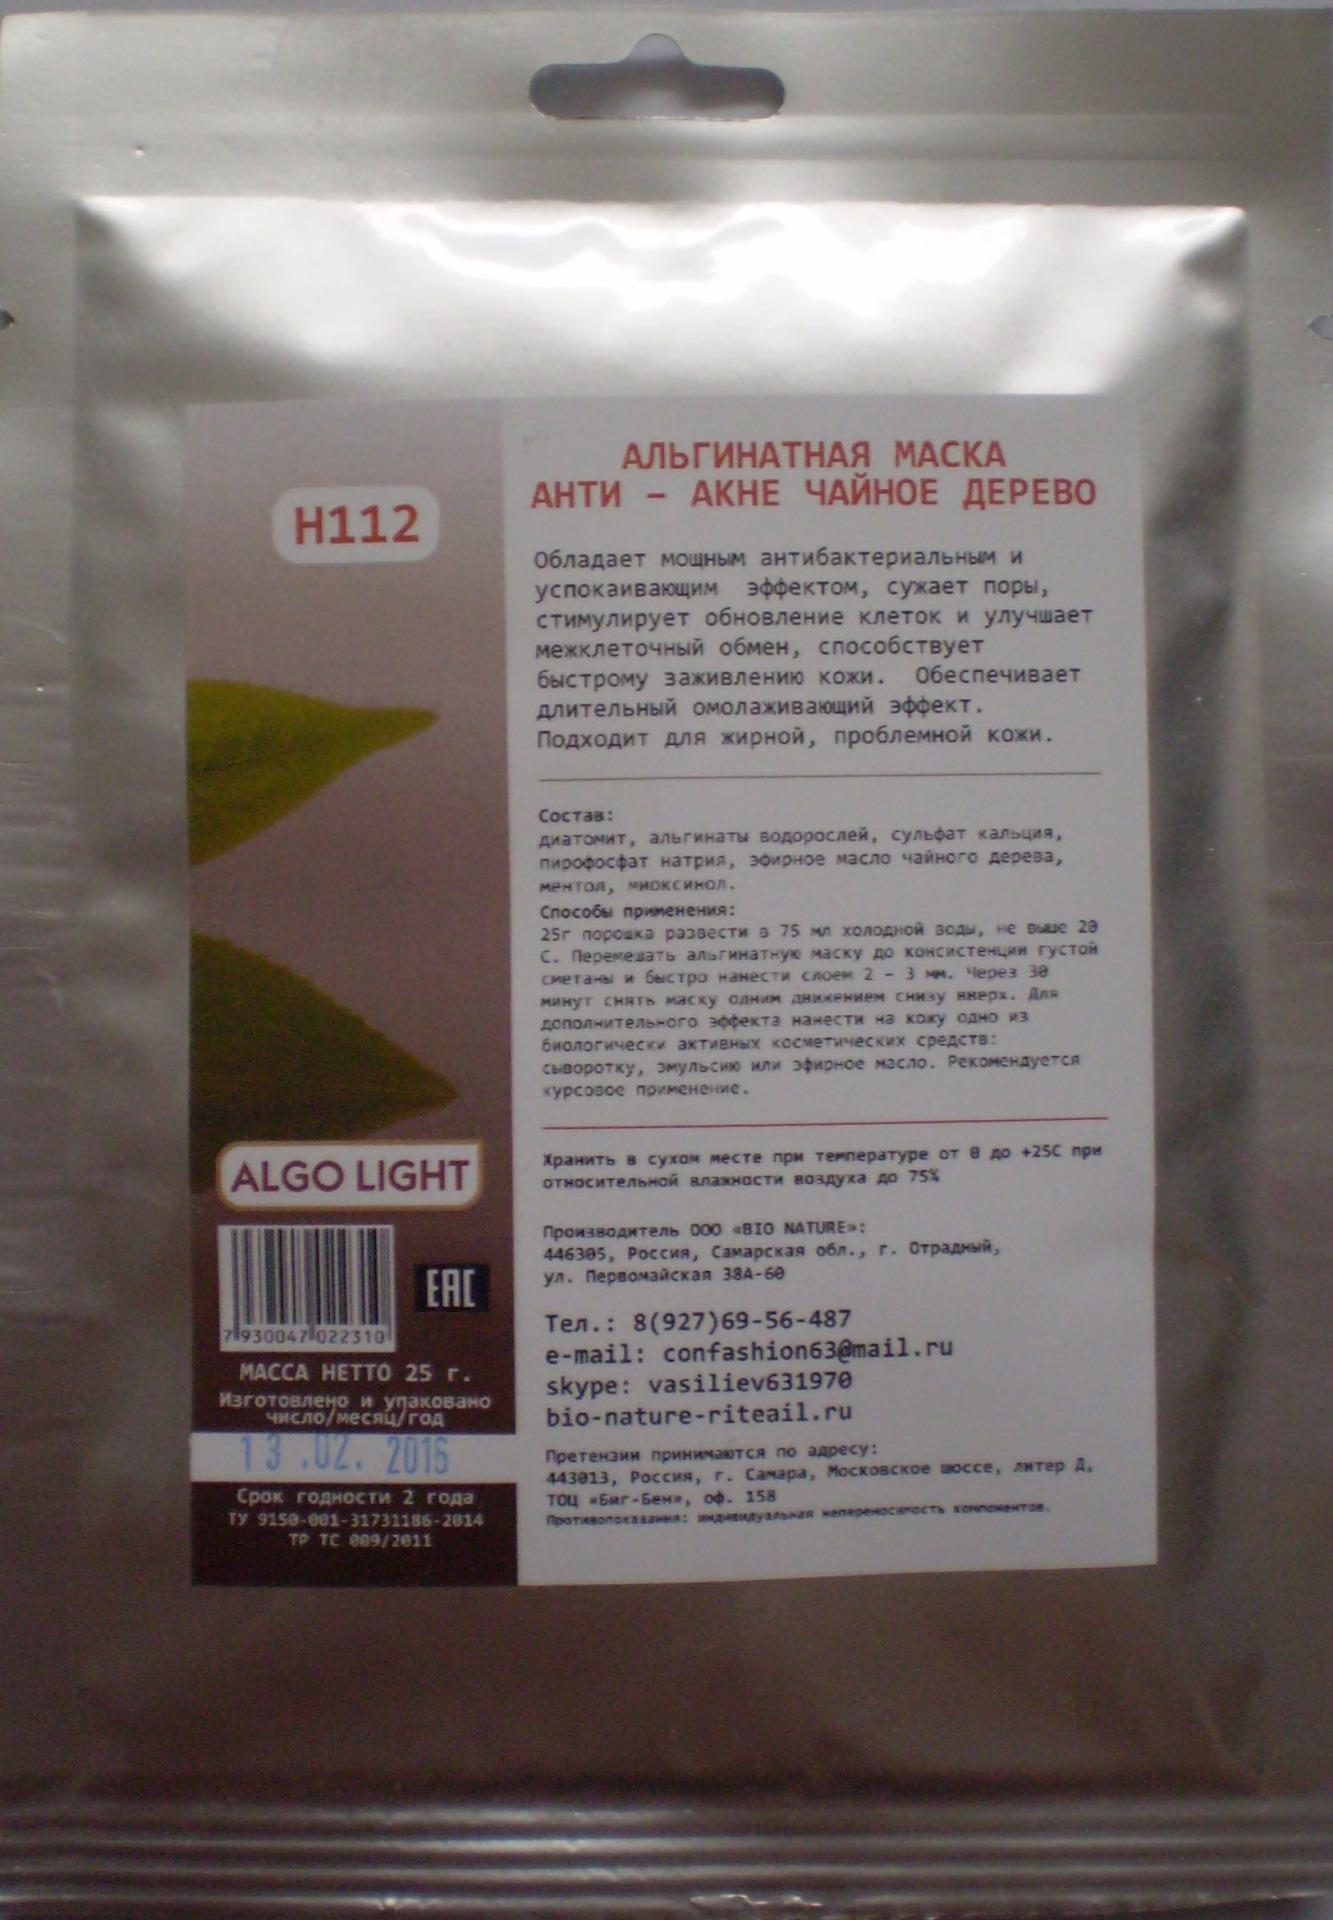 ALGO LIGHT Маска анти-акне чайное дерево / ALGO LIGHT 25 грМаски<br>Воздействие: обладает мощным антибактериальным и успокаивающим эффектом, сужает поры, стимулирует обновление клеток и улучшает межклеточный обмен, способствует быстрому заживлению кожи. Обеспечивает длительный омолаживающий эффект. Область применения: для жирной, проблемной кожи. Активные ингредиенты: диатомит, альгинаты водорослей, сульфат кальция, пирофосфат натрия, эфирное масло чайного дерева, ментол, миоксинол. Способ применения: 25г порошка развести в 75 мл холодной воды, не выше 20 С. Перемешать альгинатную маску до консистенции густой сметаны и быстро нанести слоем 2   3 мм. Через 30 минут снять маску одним движением снизу вверх. Для дополнительного эффекта нанести на кожу одно из биологически активных косметических средств: сыворотку, эмульсию или эфирное масло. Рекомендуется курсовое применение.<br>